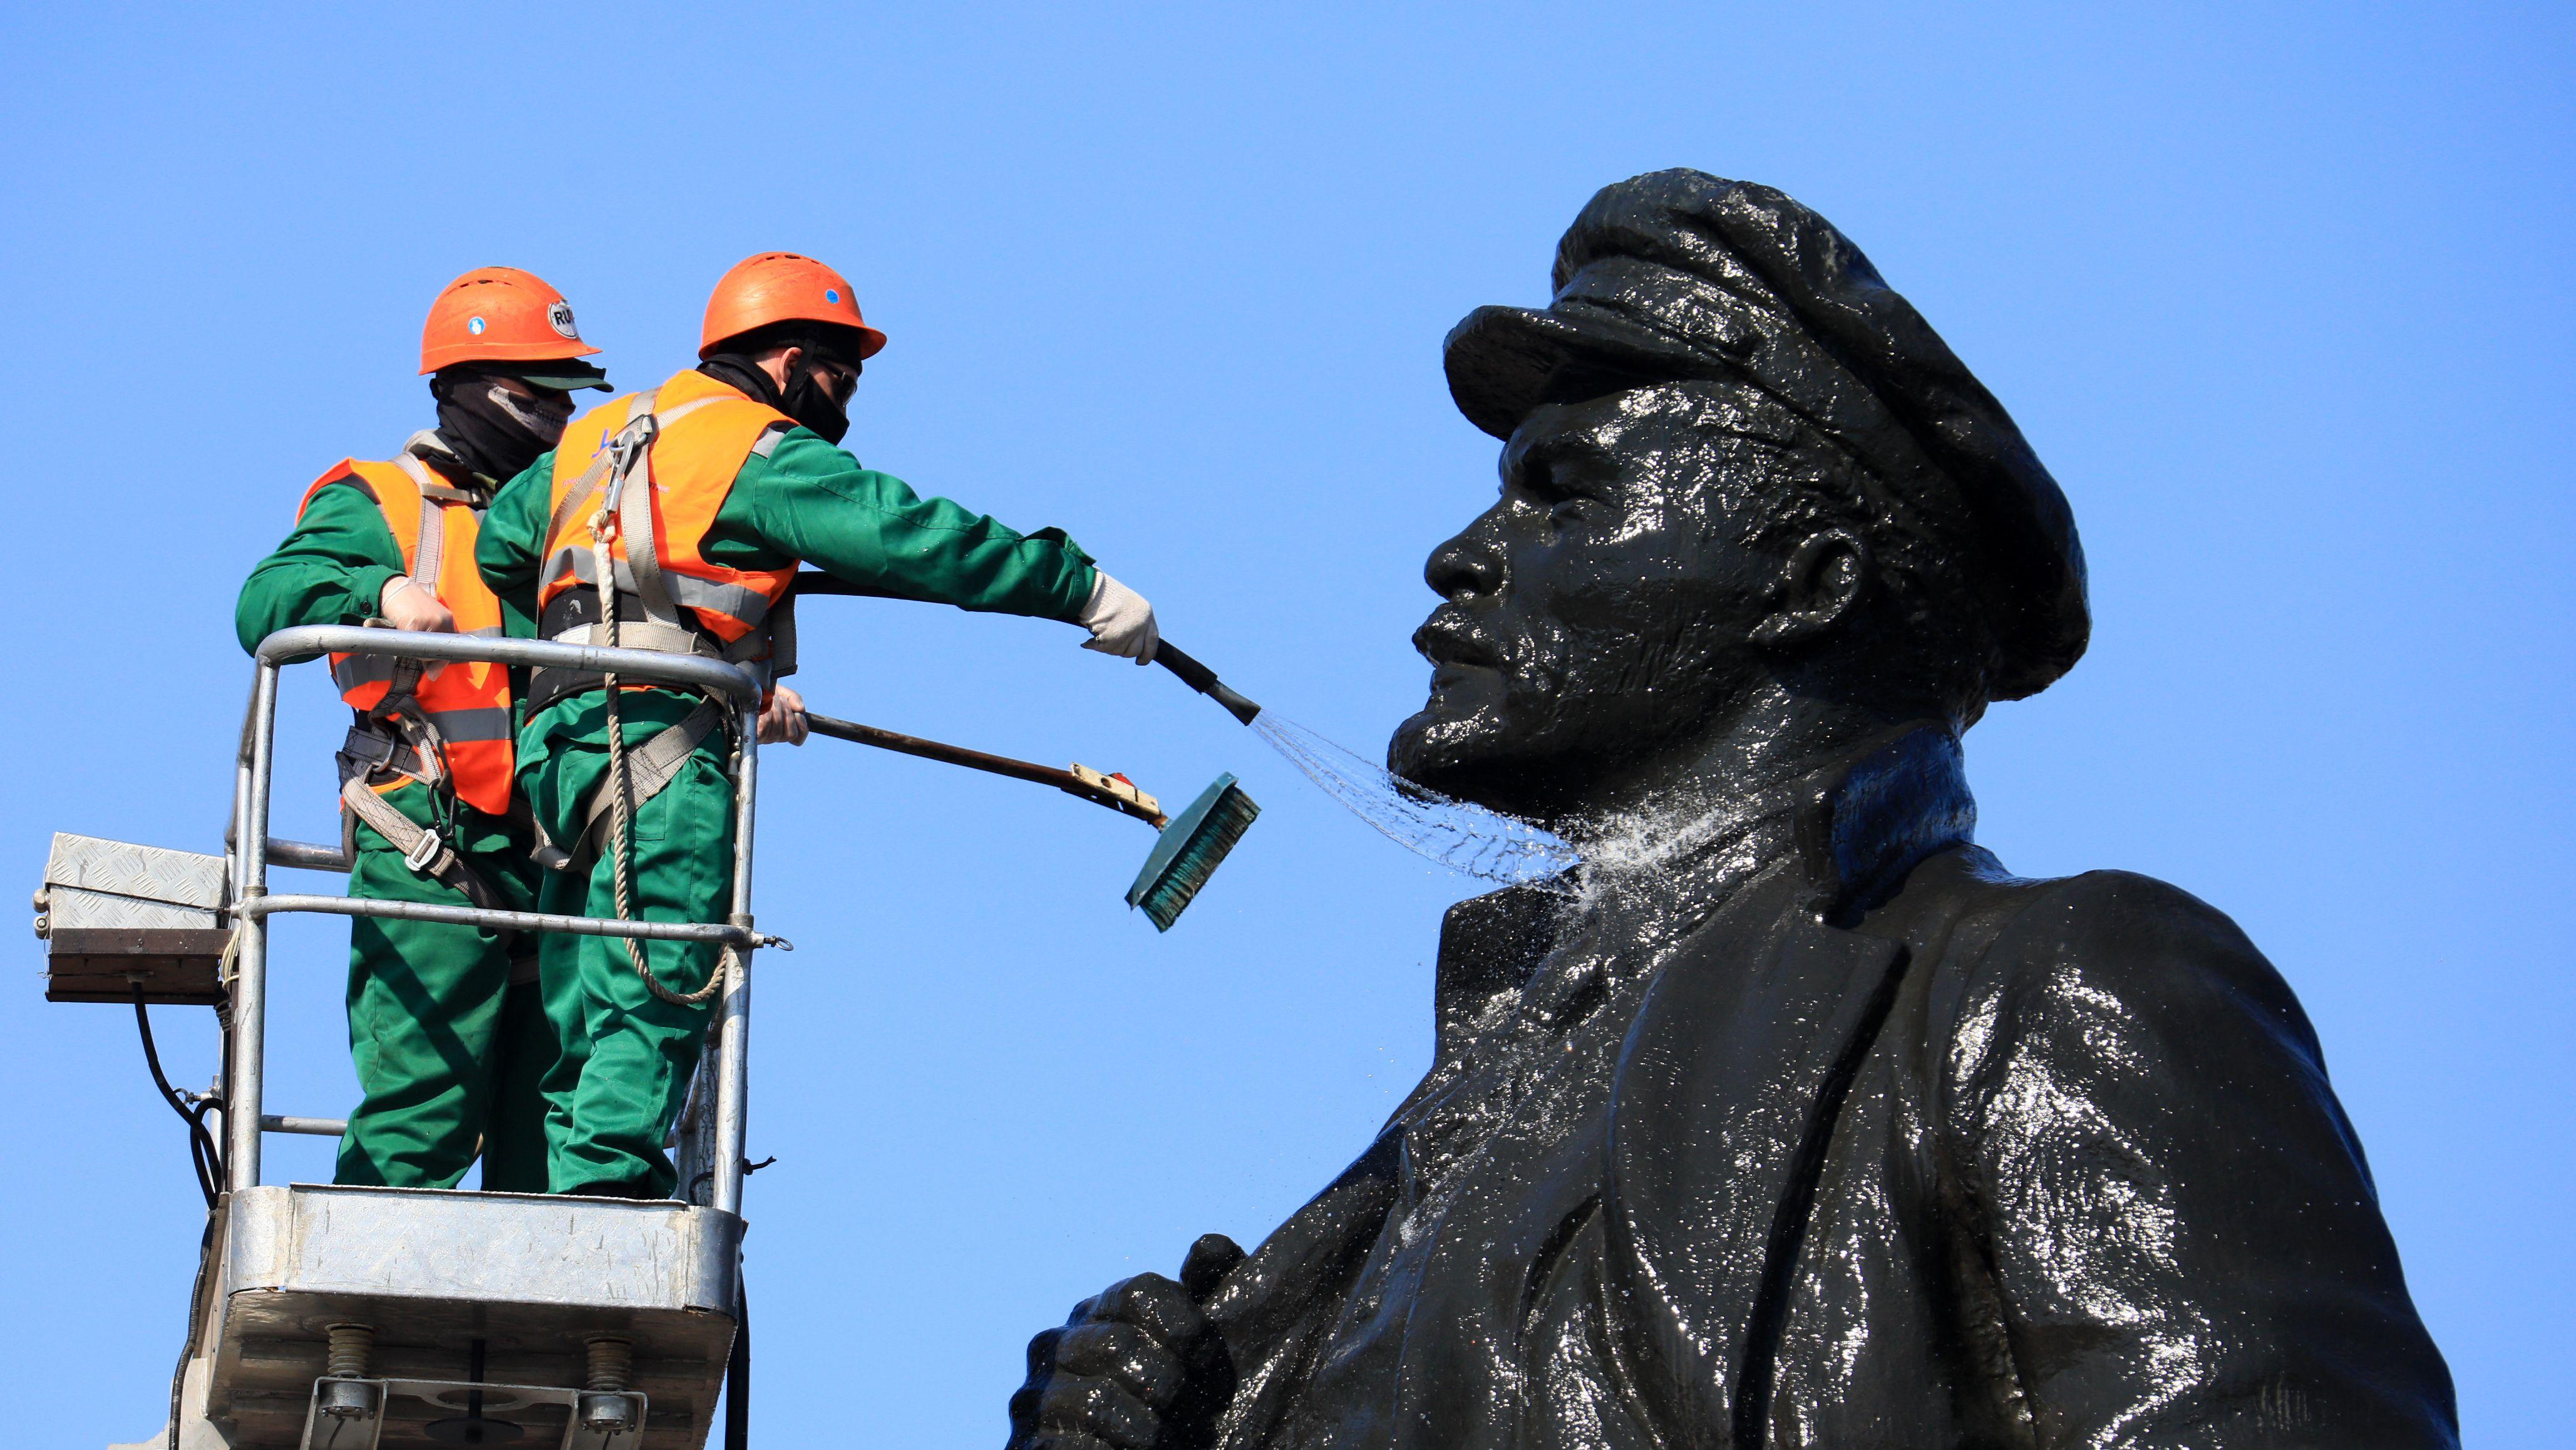 Das Bild zeigt zwei Arbeiter beim Reinigen einer Leninstatue im russischen Krasnojarsk.